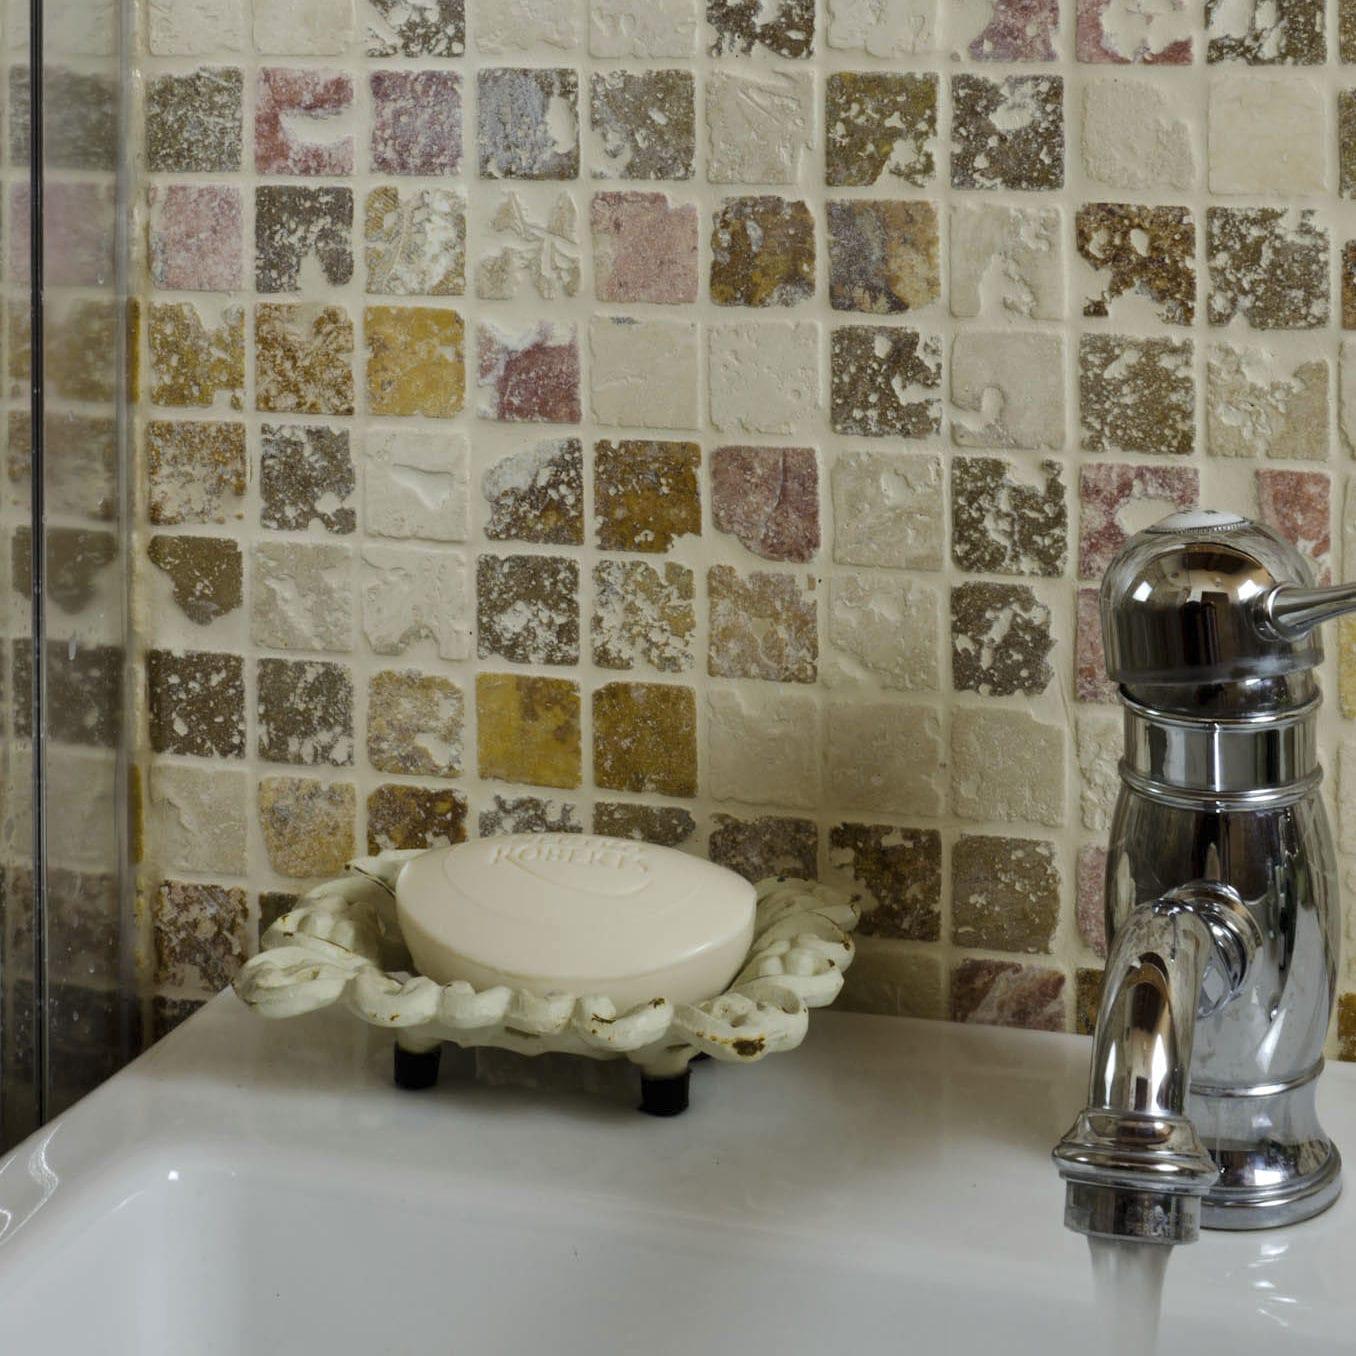 Mosaikfliese Für Badezimmer / Wand / Aus Naturstein / Uni   3X3 CORAL MIX